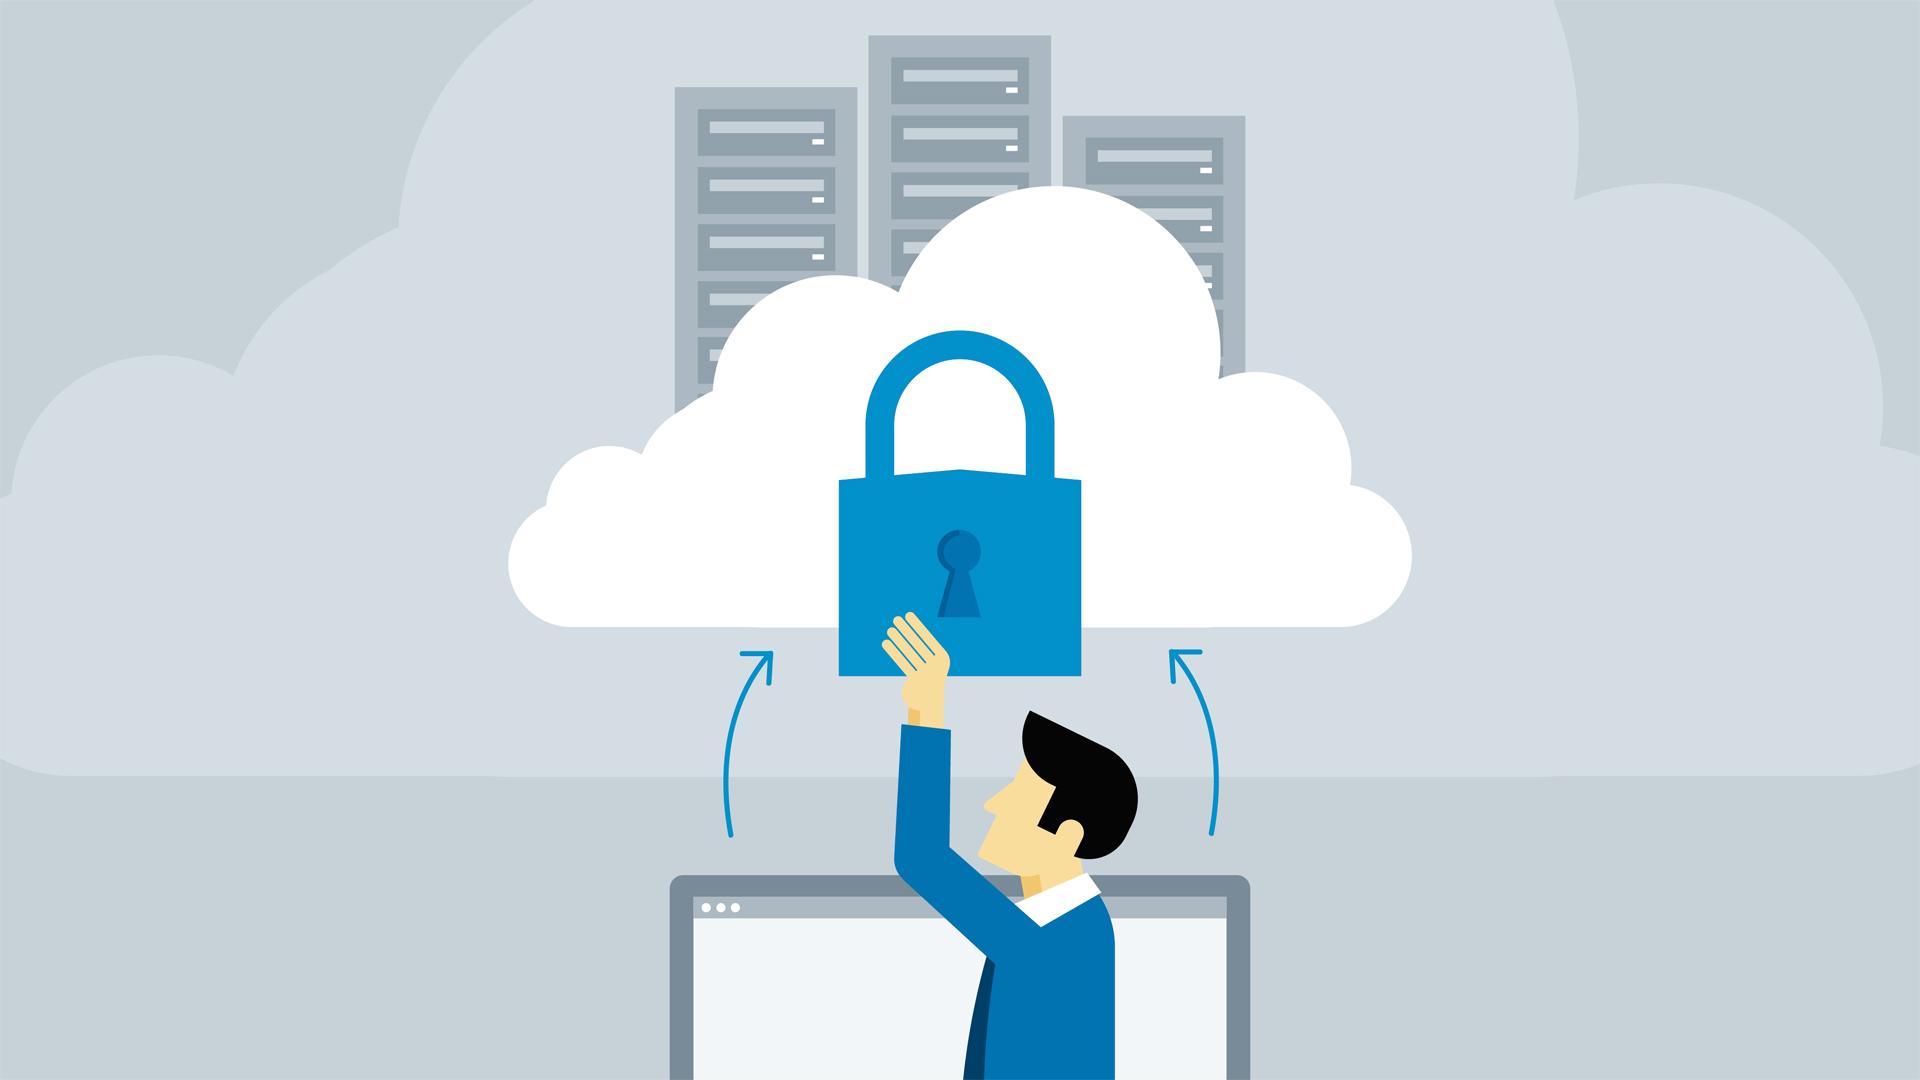 Para hospedagem em nuvem privada, o investimento em licenças de software SAP é avançado